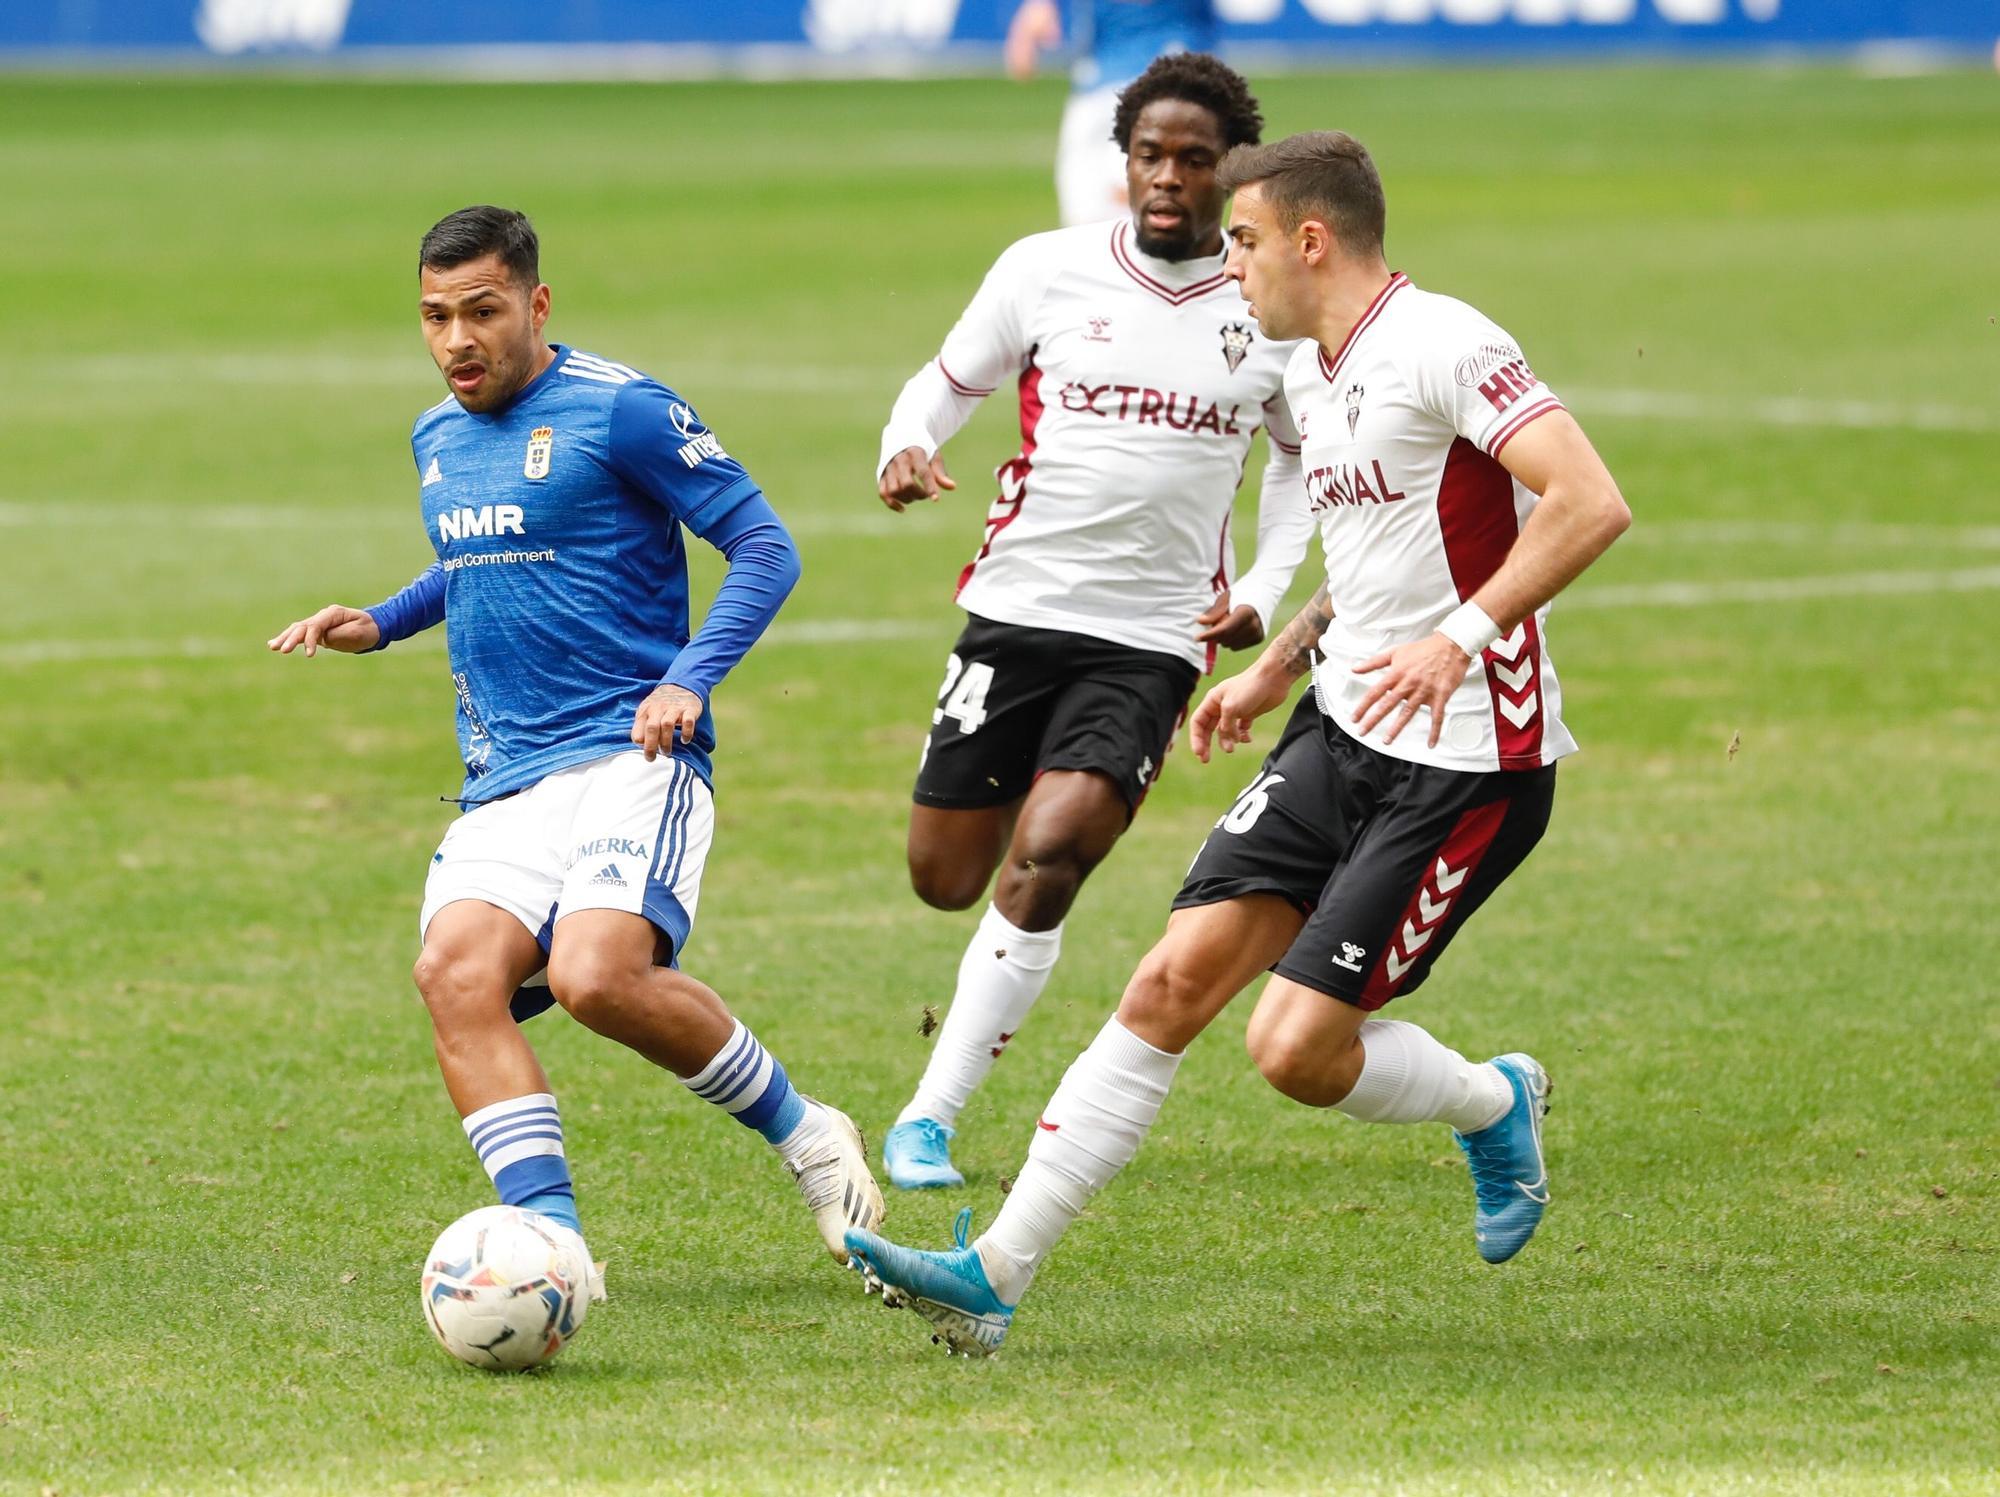 Real Oviedo - Albacete, en imágenes